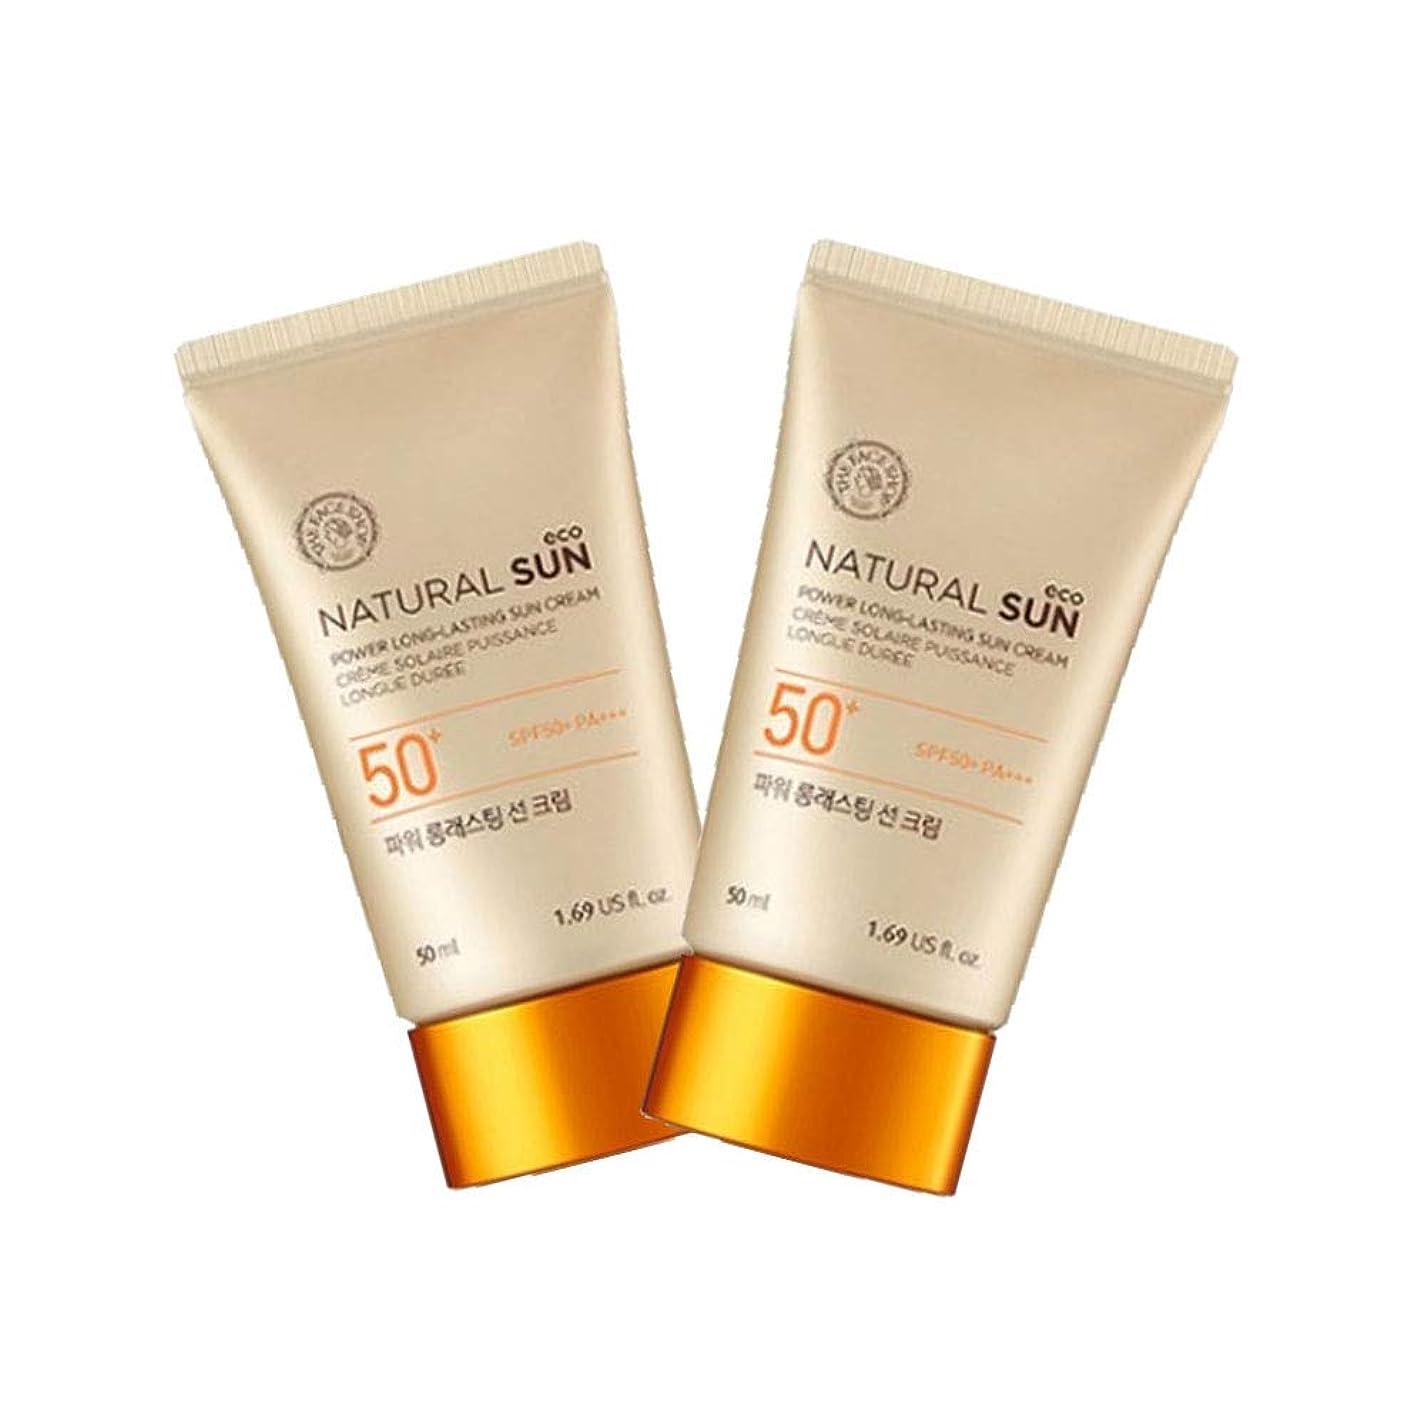 主権者最少バリアザ?フェイスショップナチュラルサンエコパワーロングラスティングサンクリーム50mlx2本セット韓国コスメ、The Face Shop Natural Sun Eco Power Long Lasting Sun Cream 50ml x 2ea Set Korean Cosmetics [並行輸入品]